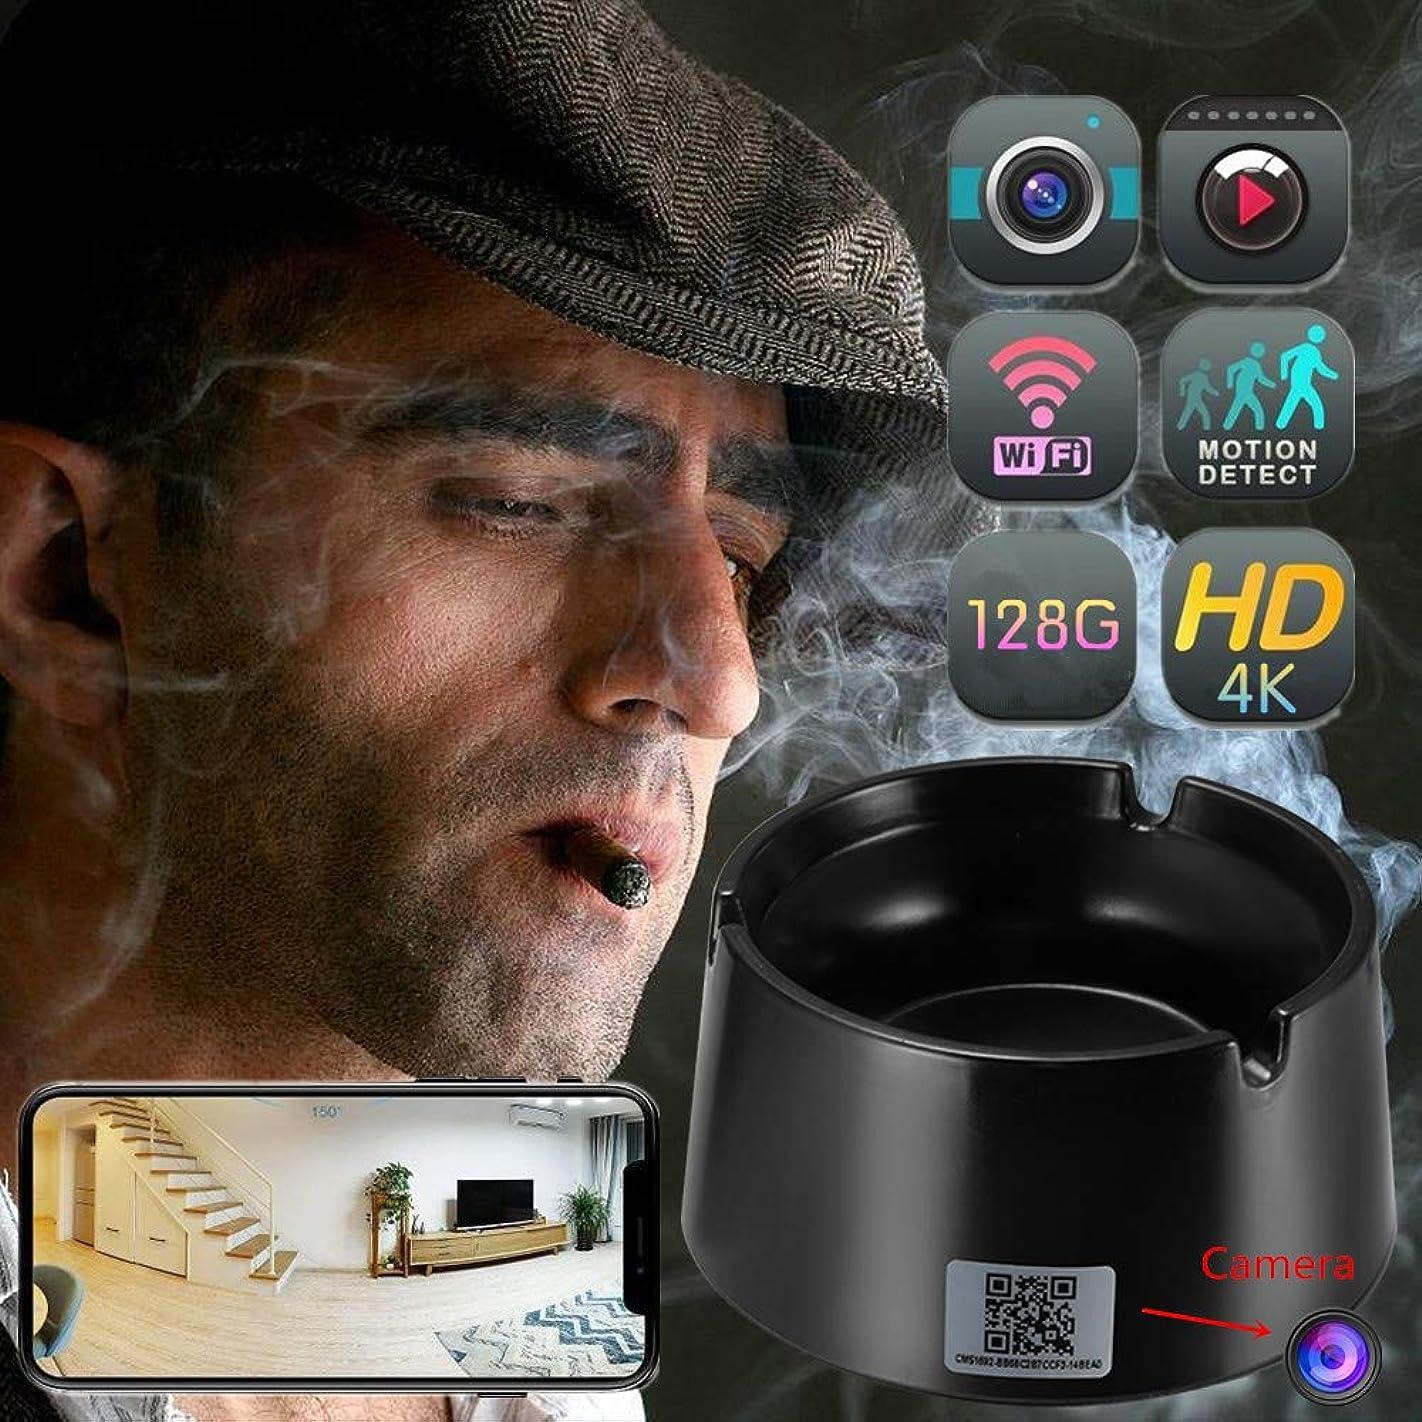 おじさん多様な洞窟隠しカメラ 4Kカメラ WiFi 1080P高画質 超小型 安全 監視カメラ 長時間ビデオ 移動検知 カメラ基盤 USB充電 防犯カメラ アクションカメラ ループ録画 ドライブレコーダー